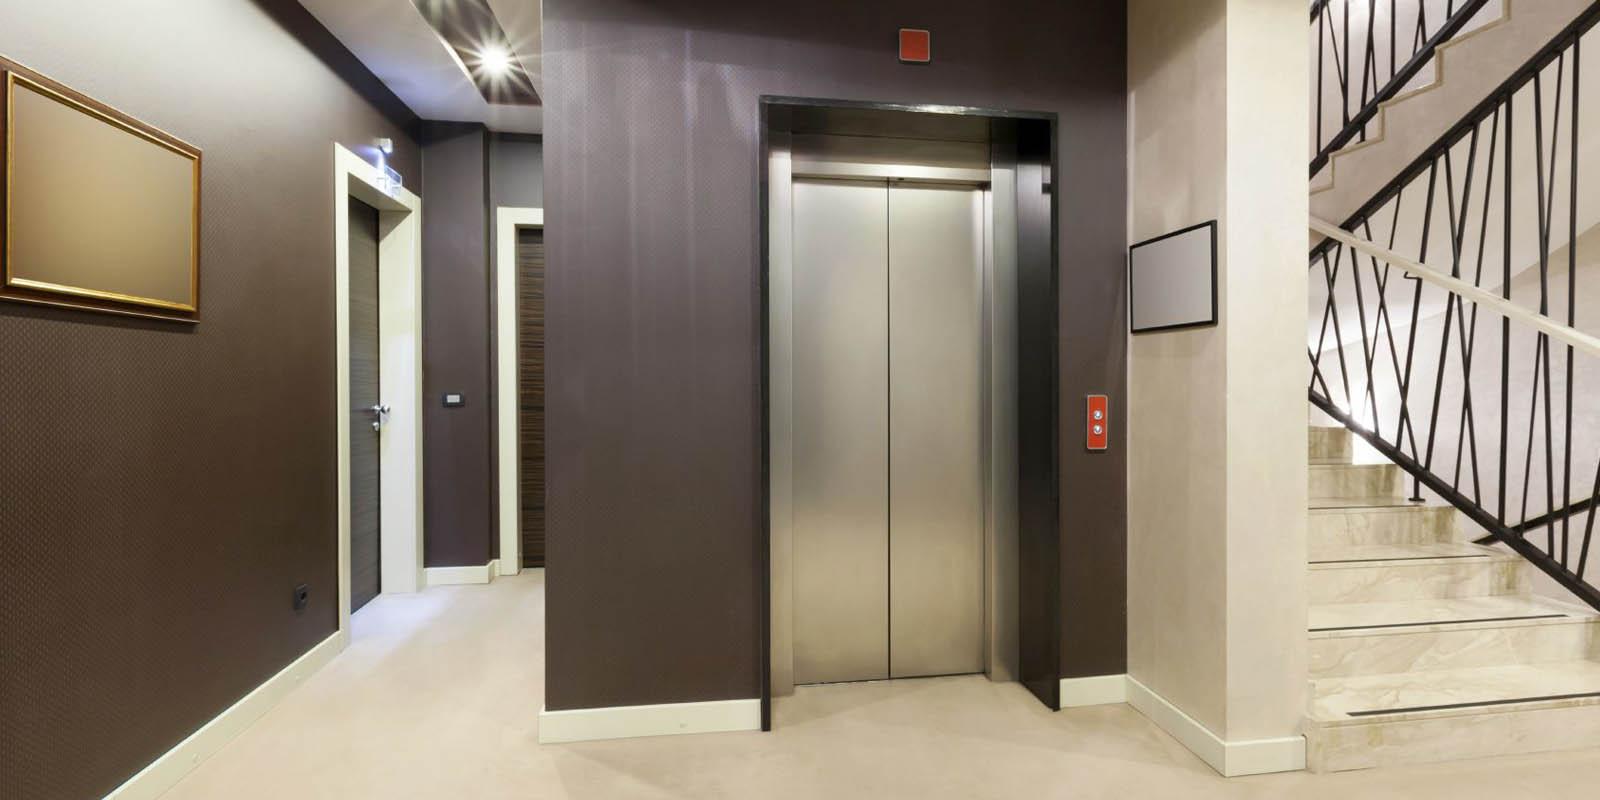 Пассажирские лифты цена